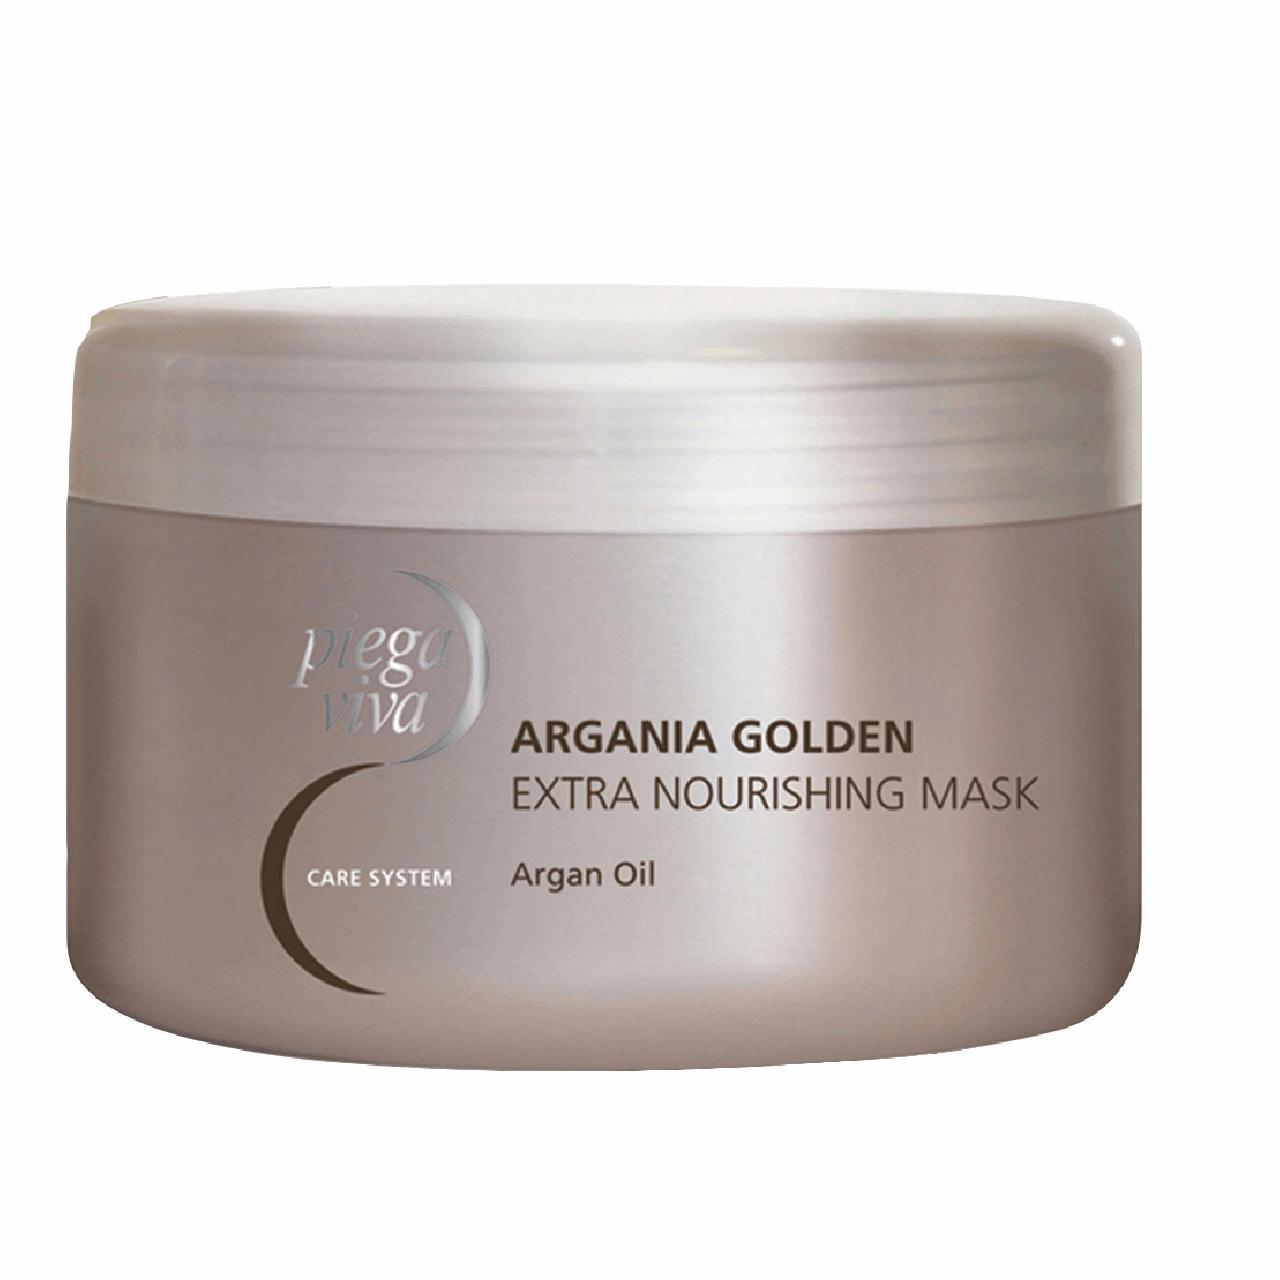 قیمت ماسک مو آرگان نرم کننده پیگا ویوا مدل Argania Golden Extra Nourishing حجم 300  میلی لیتر